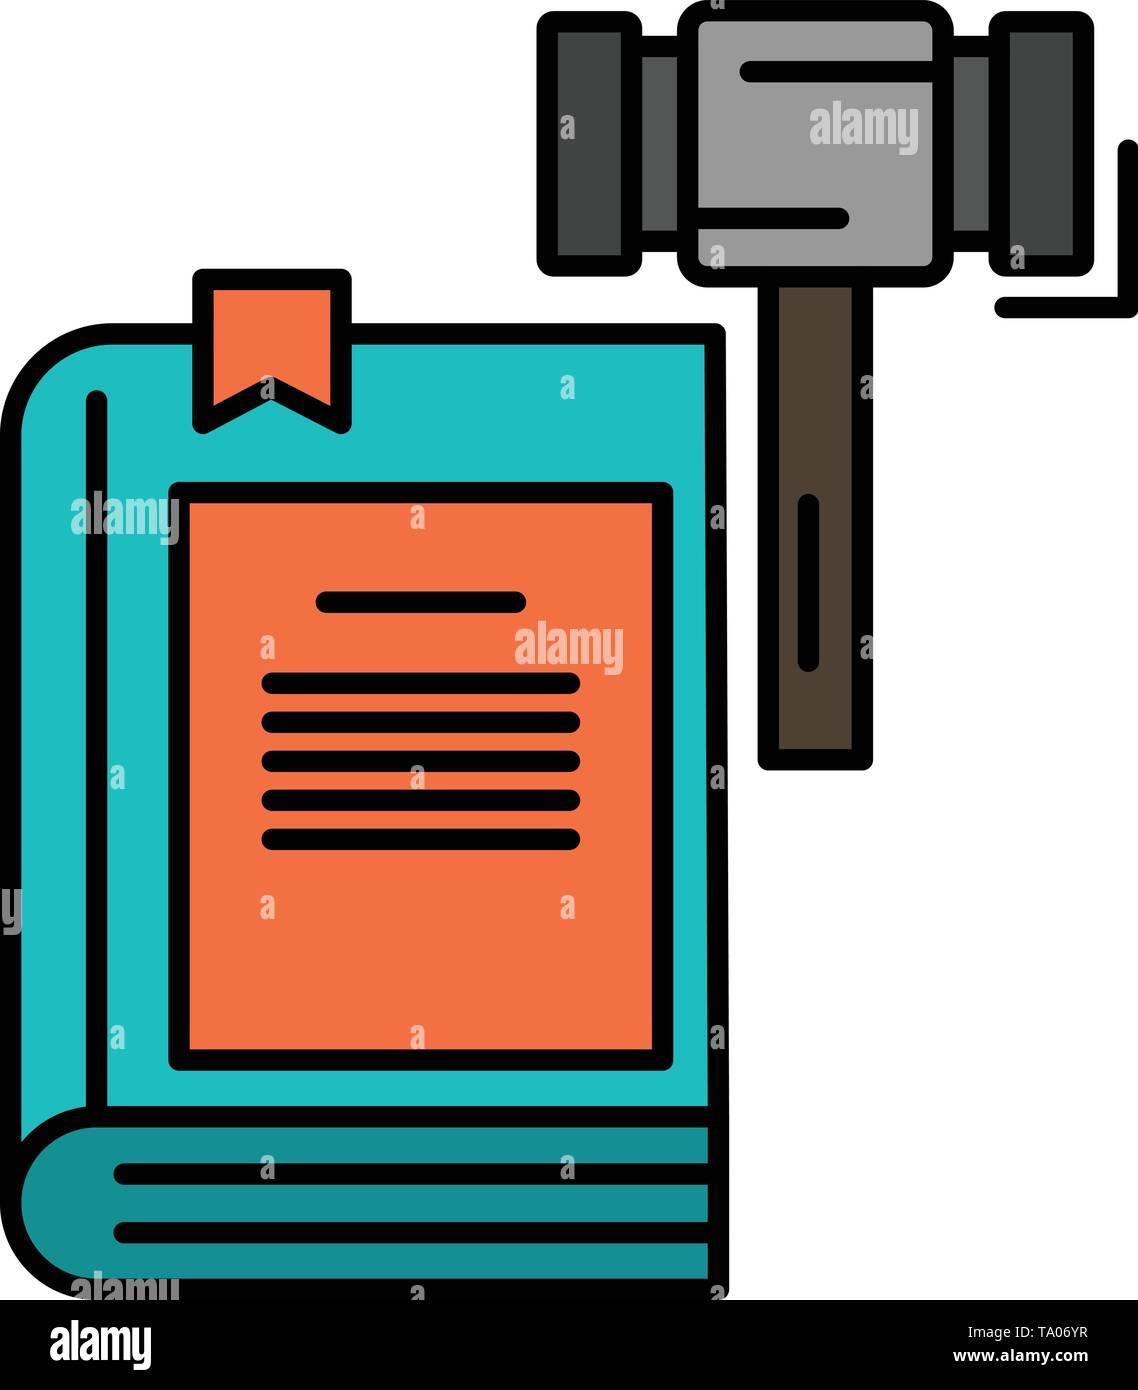 Gesetz, Aktion, Auktion, Gericht, Hammer, Hammer, recht flachen Farbe Symbol. Vektor icon banner Vorlage Stockbild